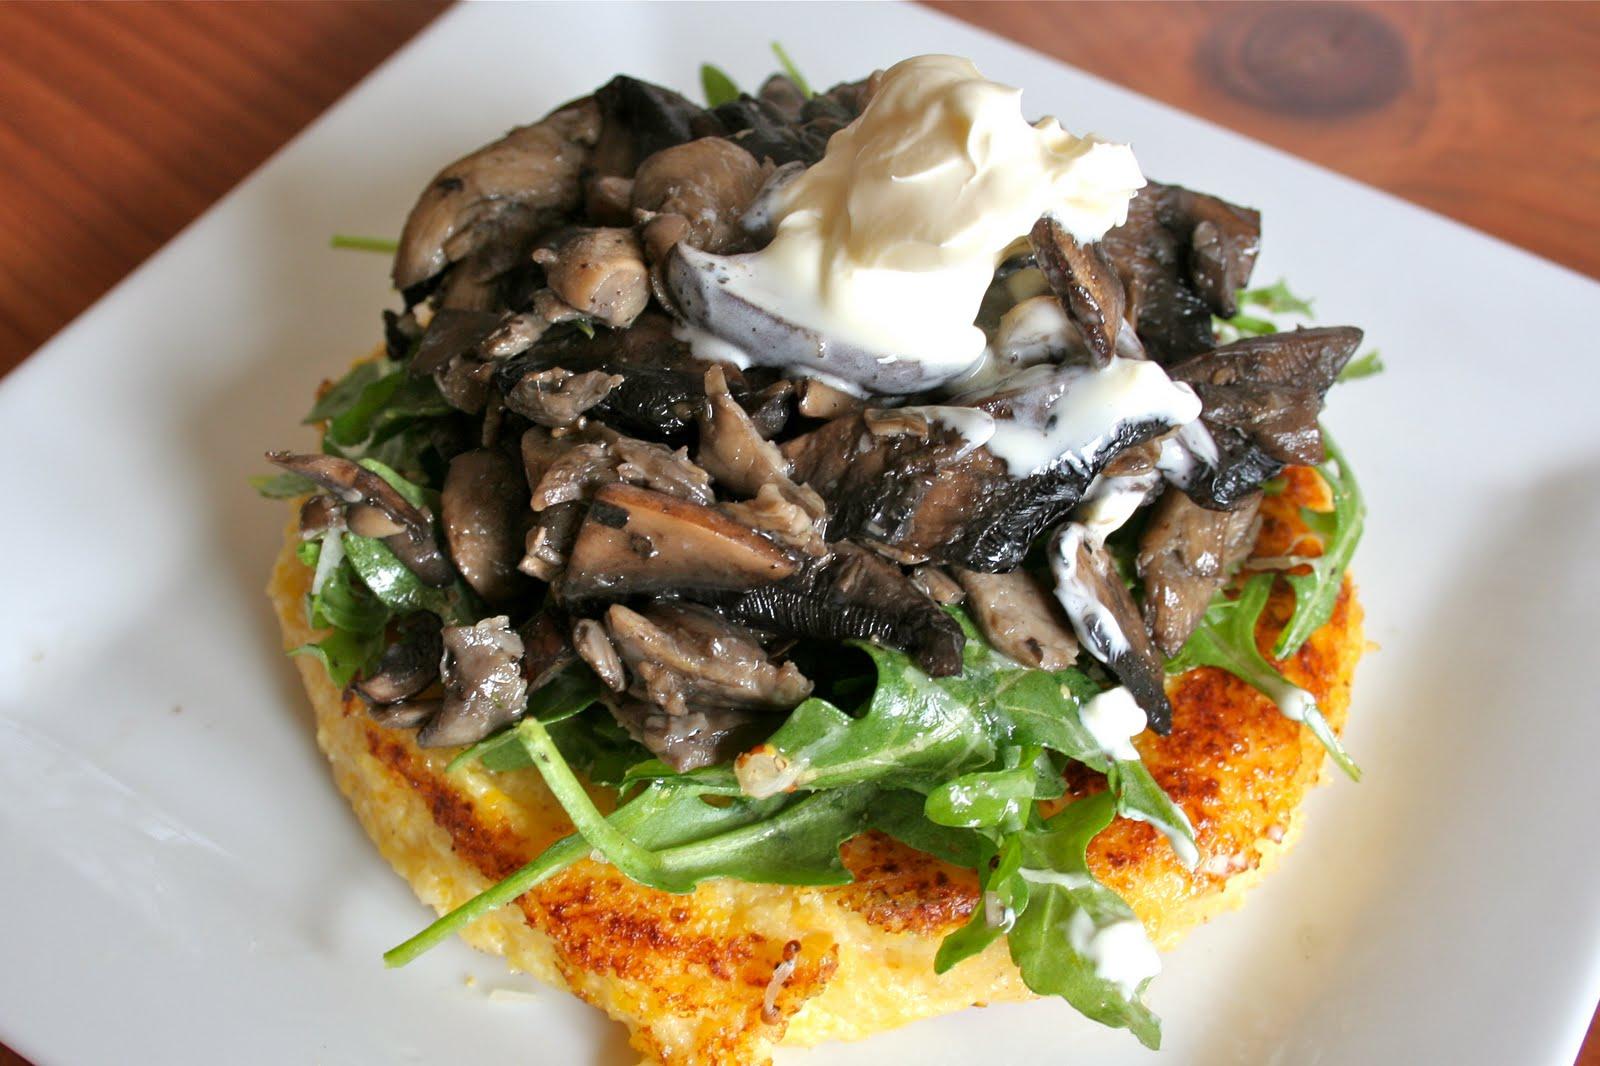 Omnivorous: Warm Mushroom Salad with Crispy Polenta